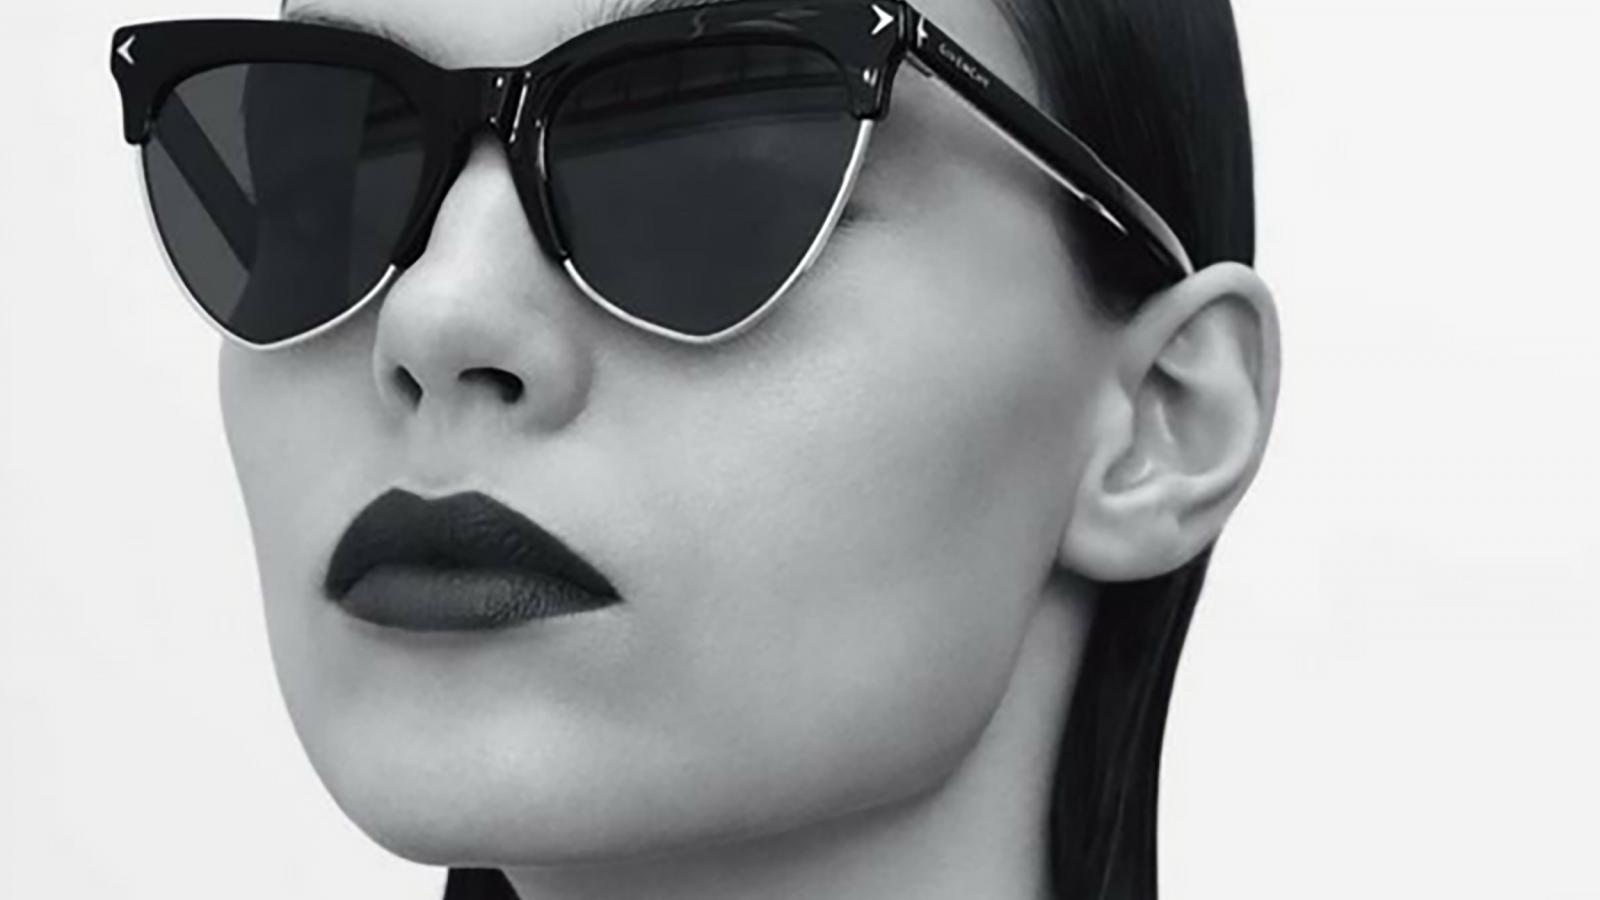 Givency: Μια συλλογή γυαλιών με κινηματογραφική γοητεία